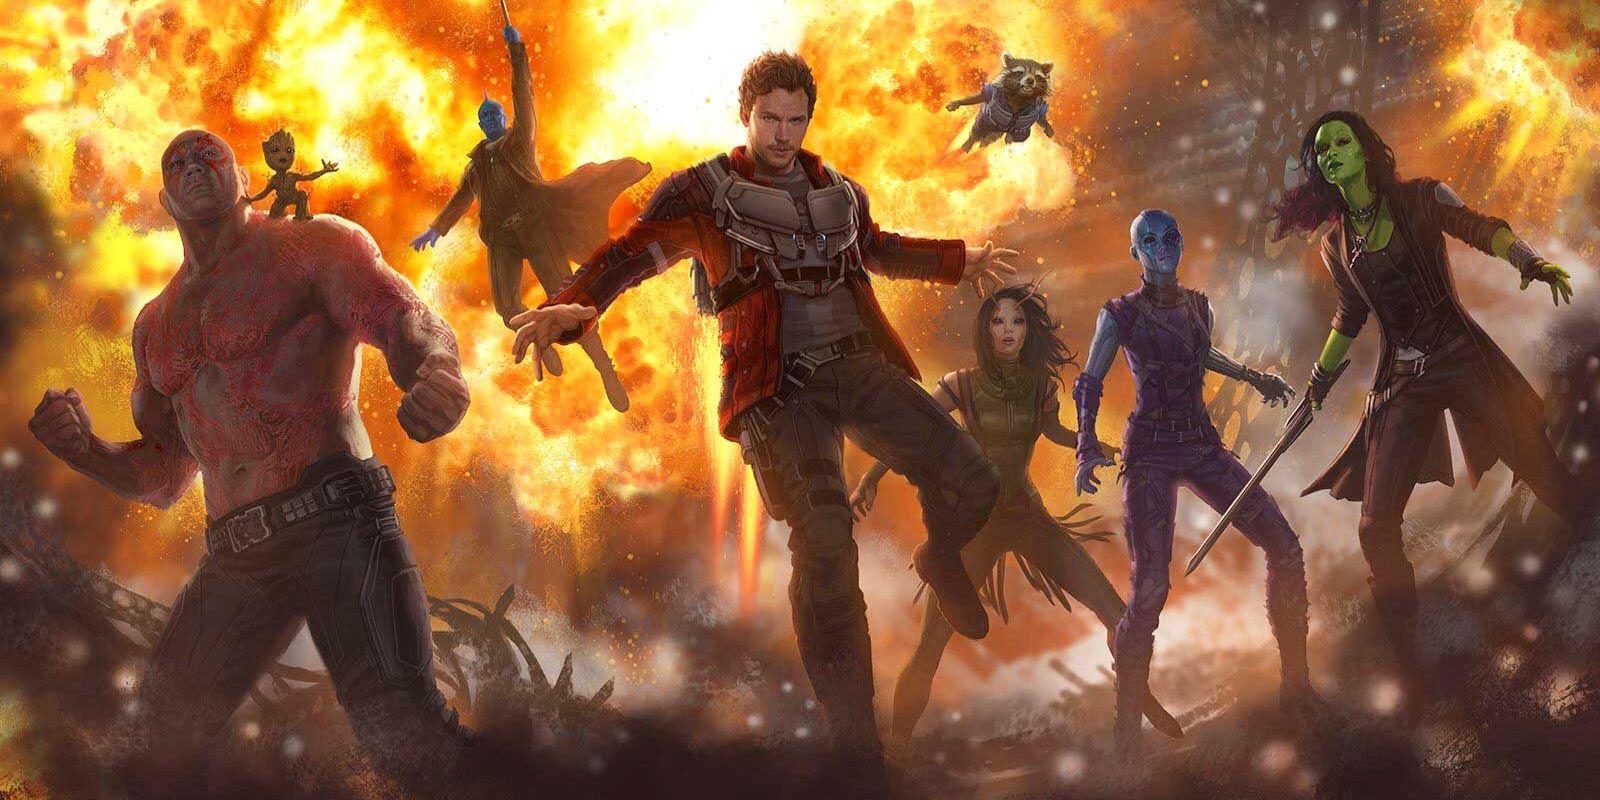 Imagem de Guardiões da Galáxia Vol. 2 (ou Guardians of the Galaxy Vol. 2) mostra Drax, Baby Groot, Yondu, Peter Quill, Rocket Raccoon, Mantis, Nebula e Gamora, num fundo de explosão.